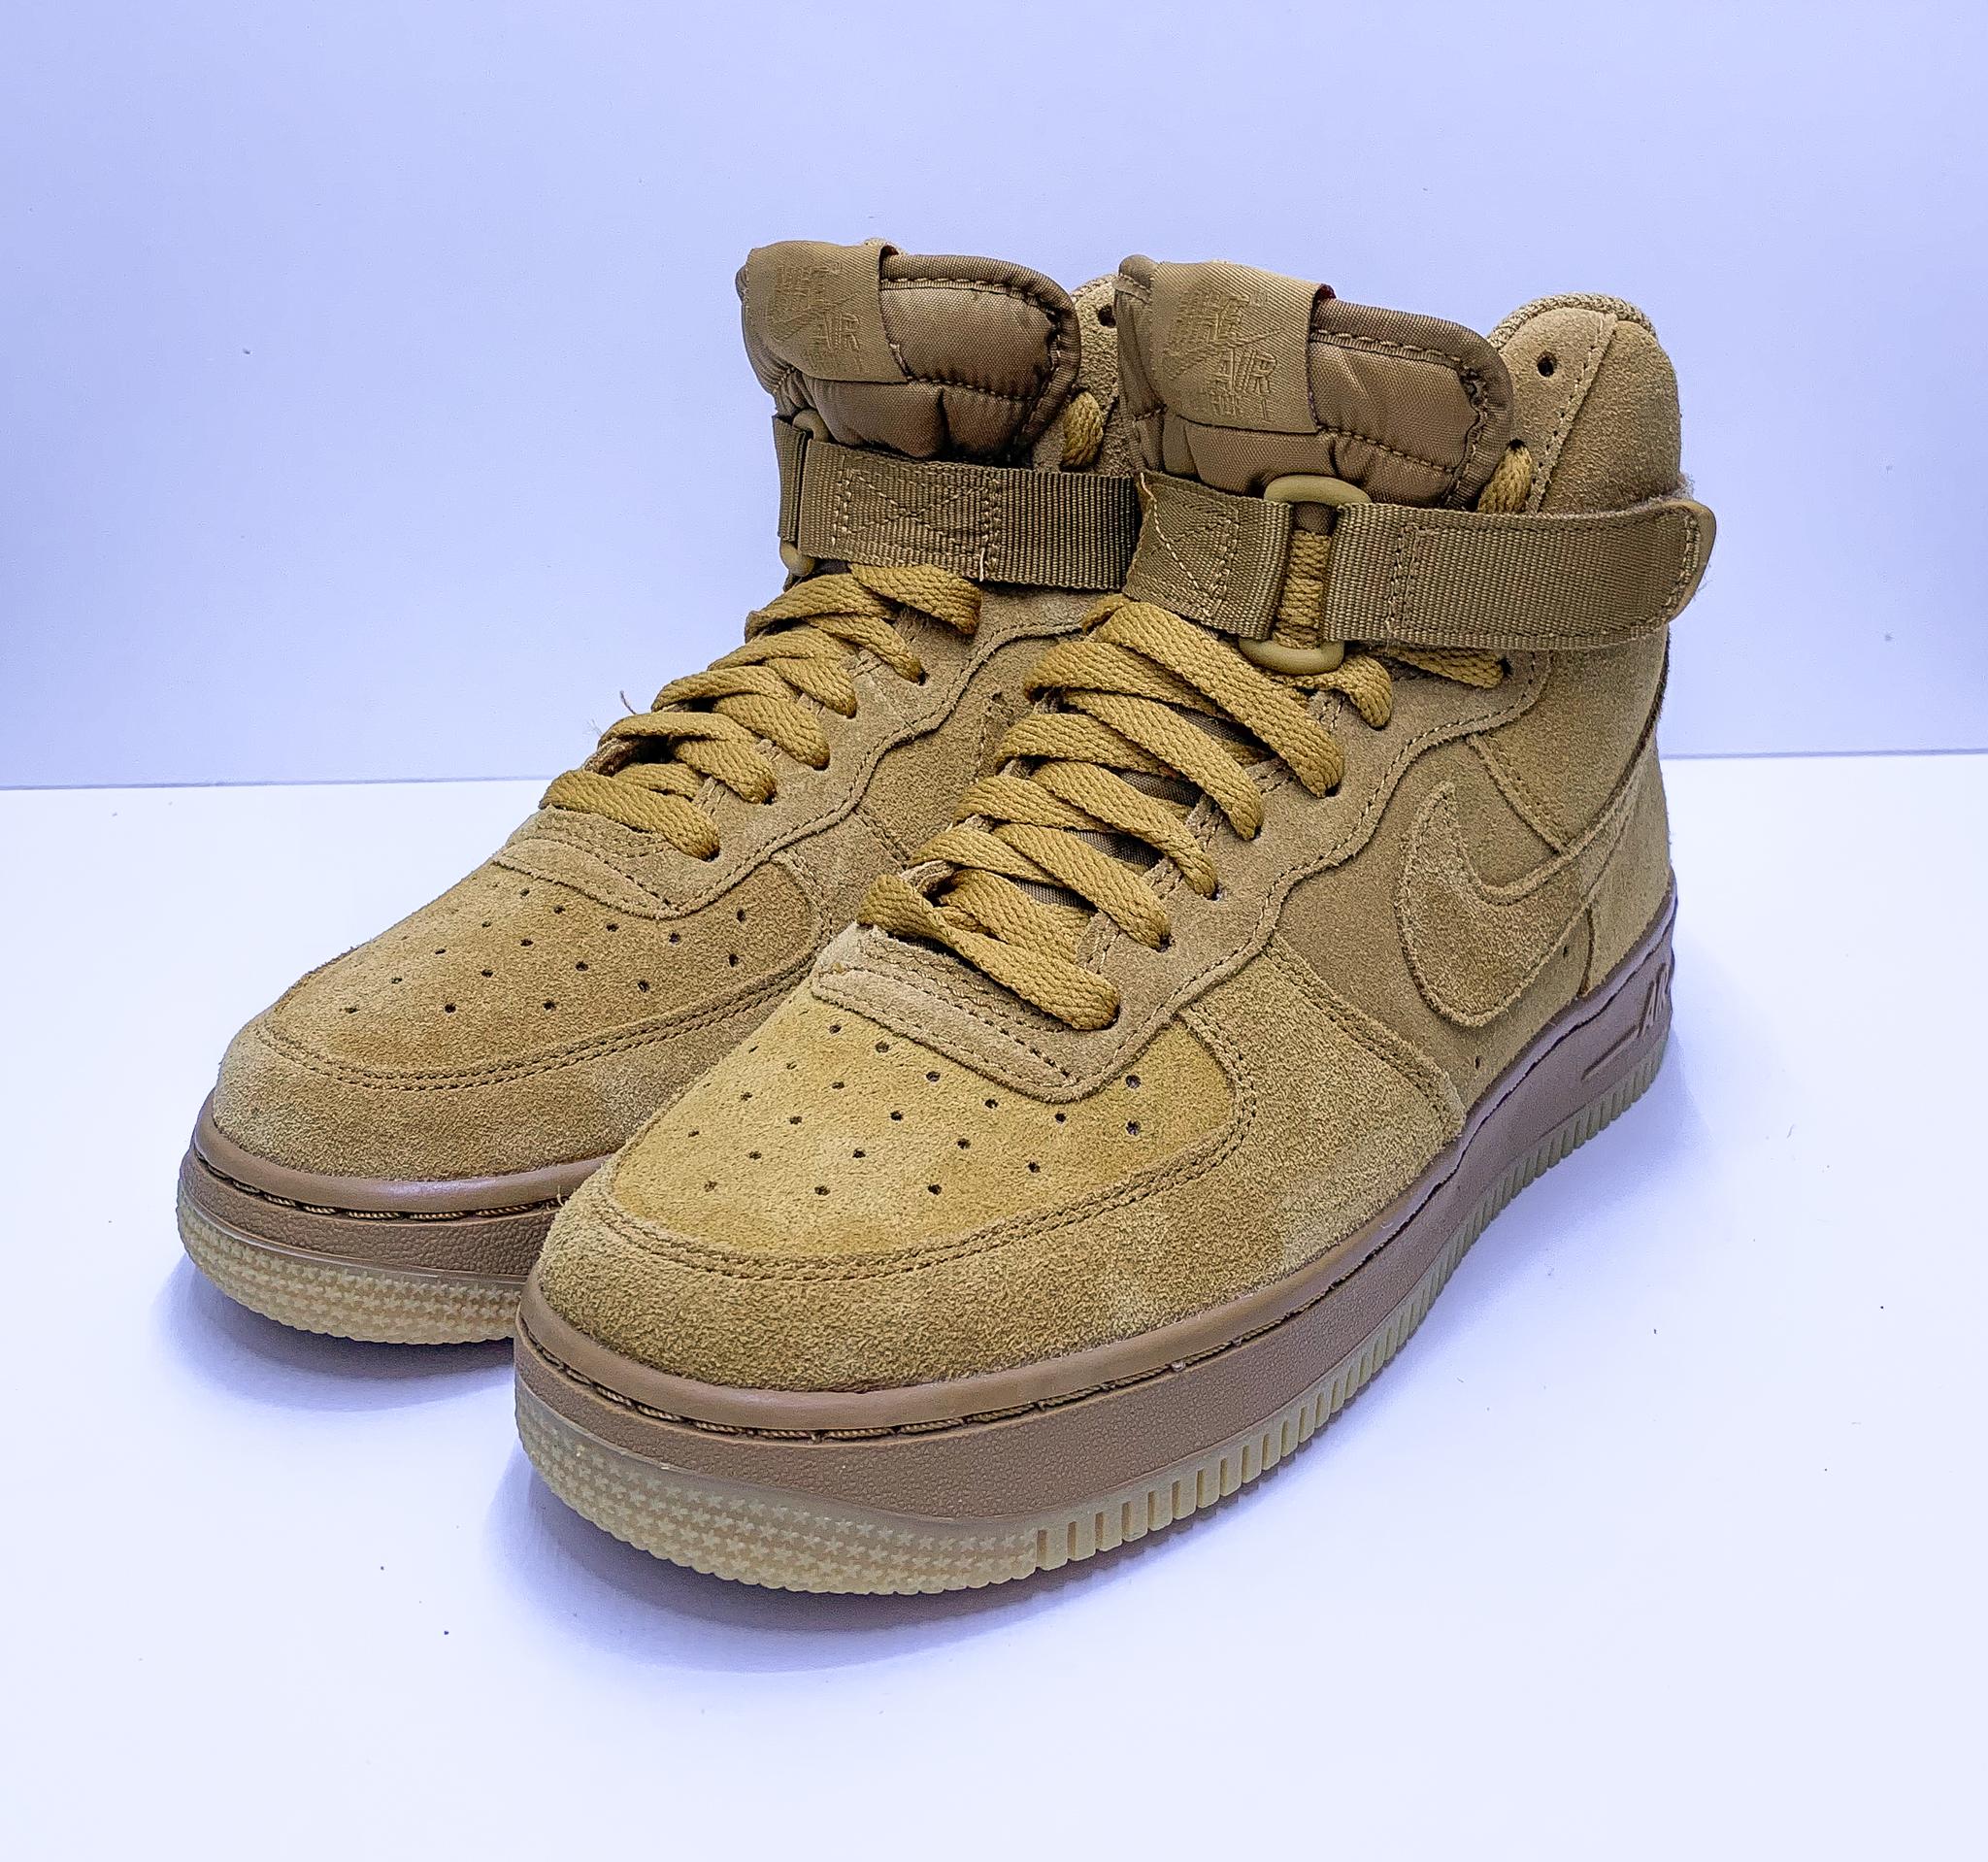 Nike air force 1 high LV8 Wheat